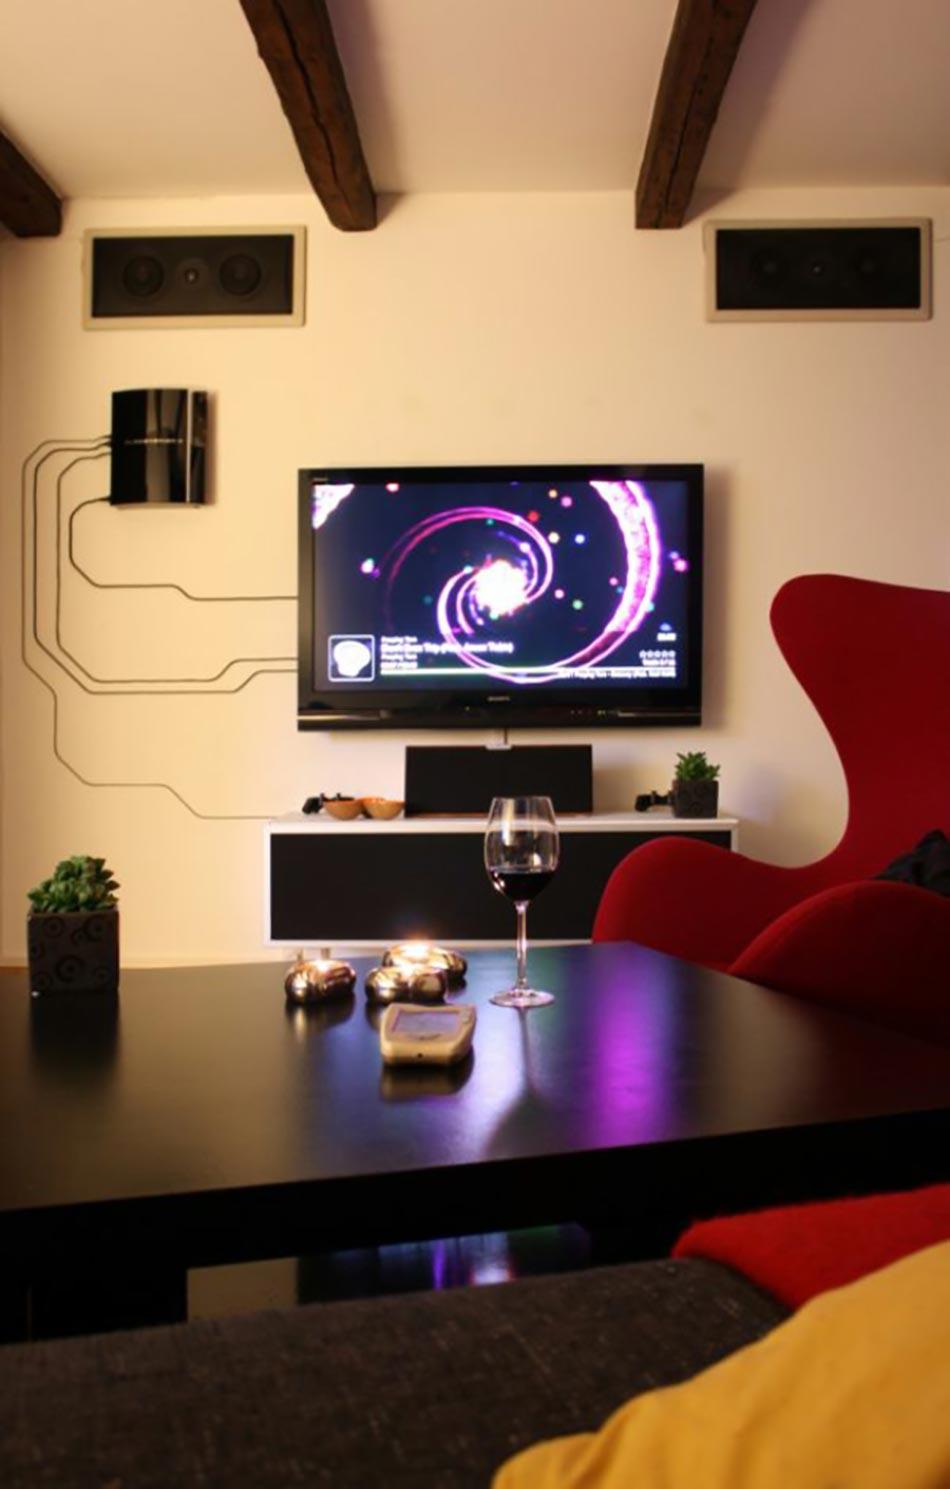 Comment Cacher Fils Tv Murale décoration murale à l'aide de câbles électriques